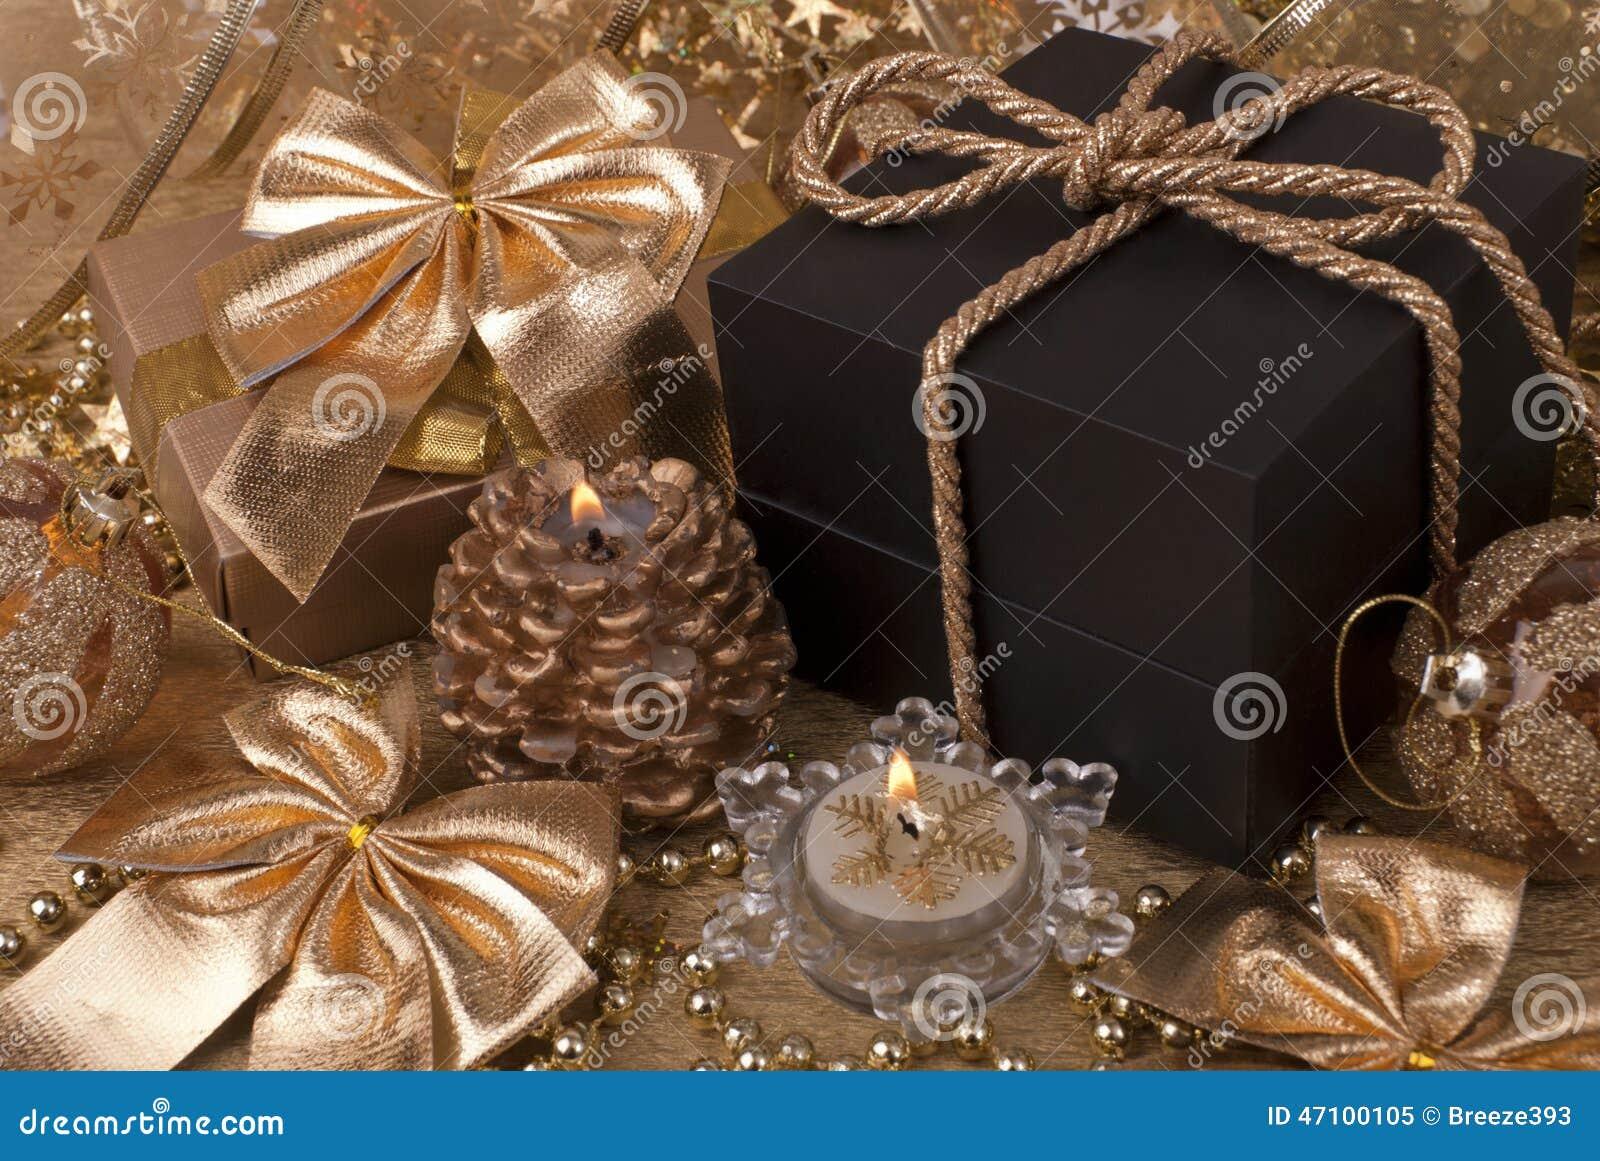 Geschenk, Kerzen, Bälle des neuen Jahres